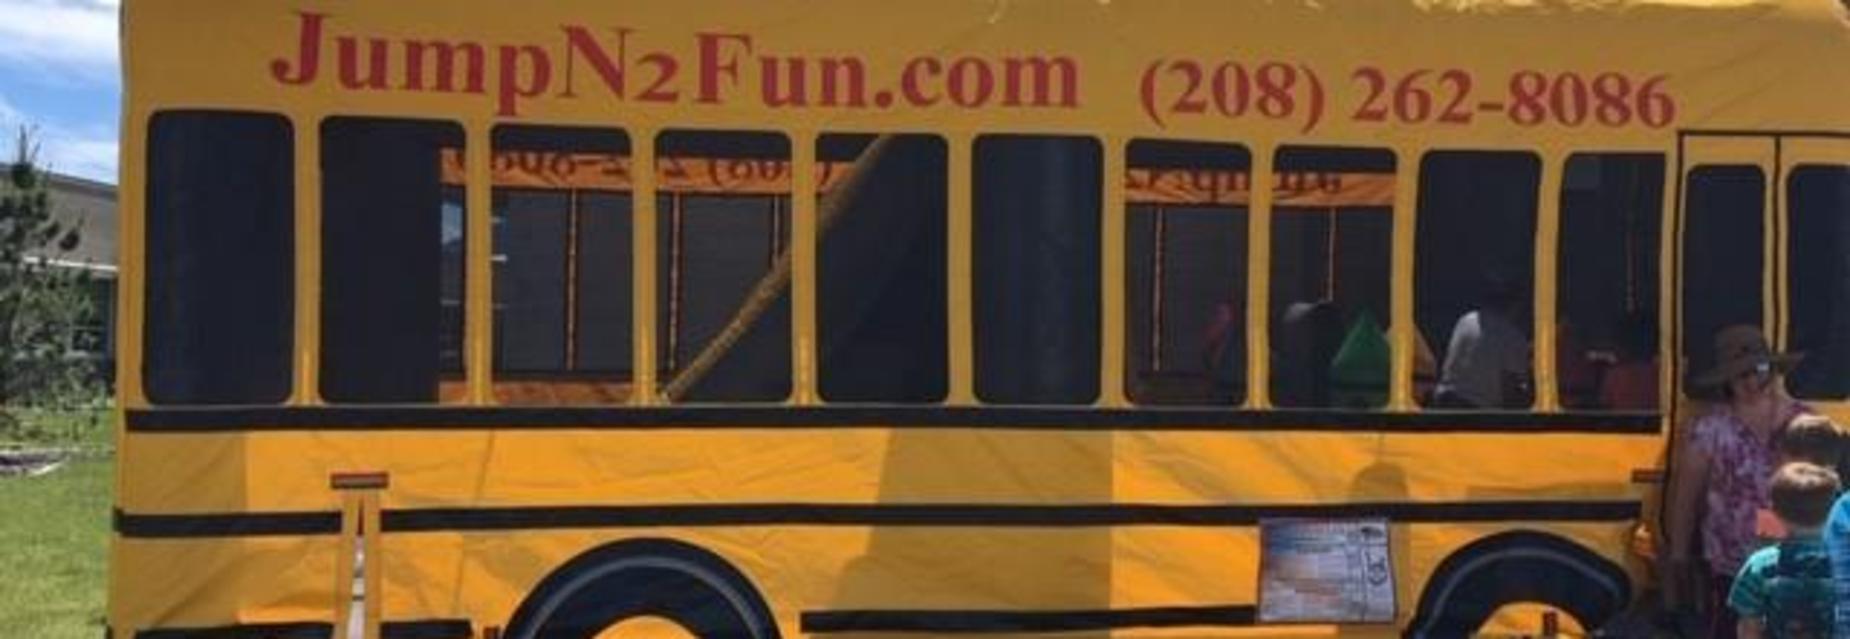 Bouncy Bus